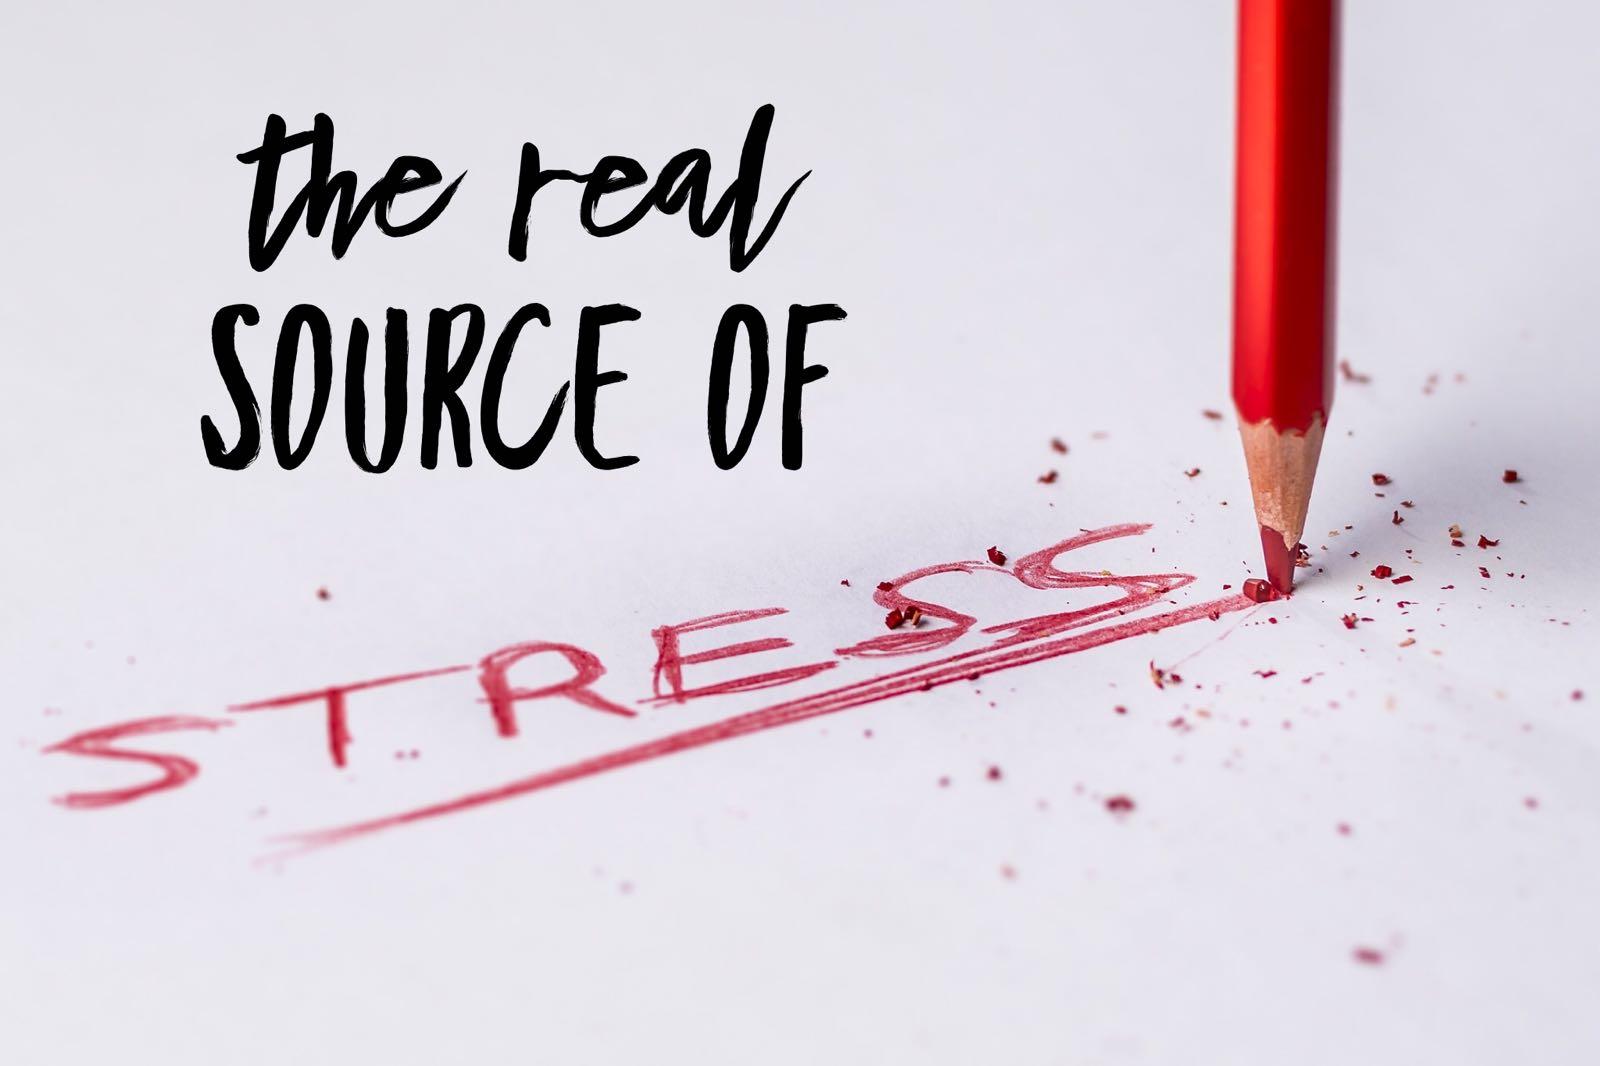 realsourceofstress.jpeg